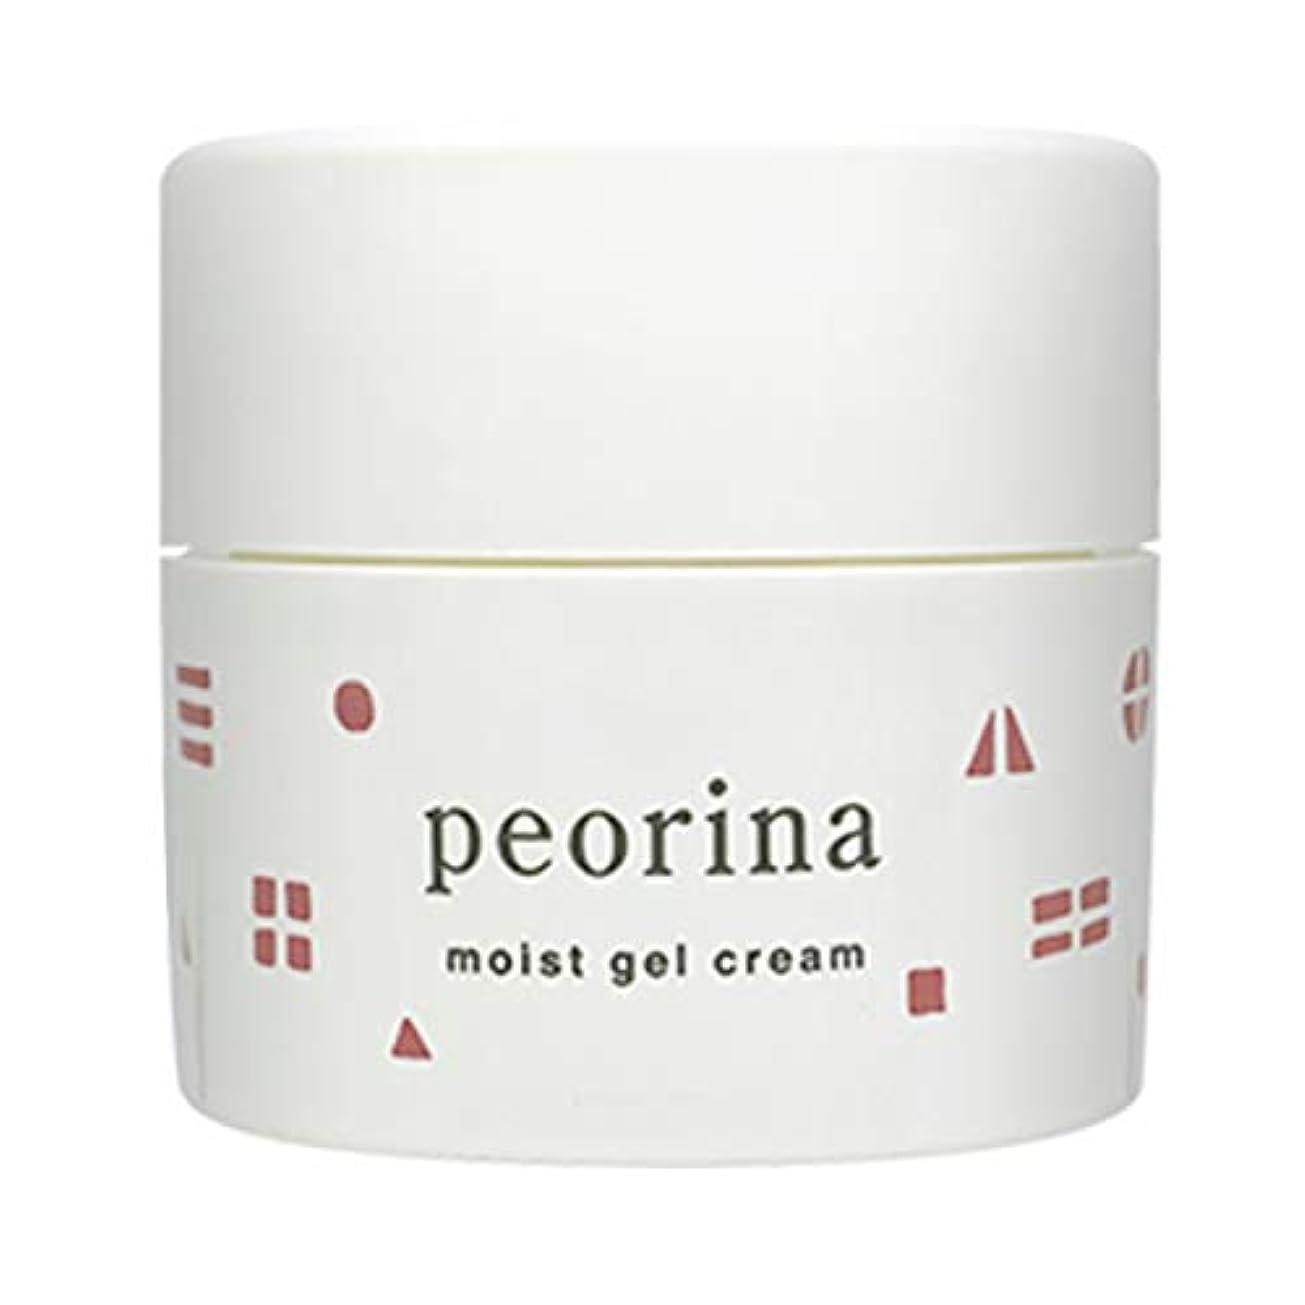 微妙分解するええピオリナ モイストジェルクリーム 保湿 スキンケア ヒト型 セラミド 保水肌 美肌 次世代型 ビタミンC 誘導体